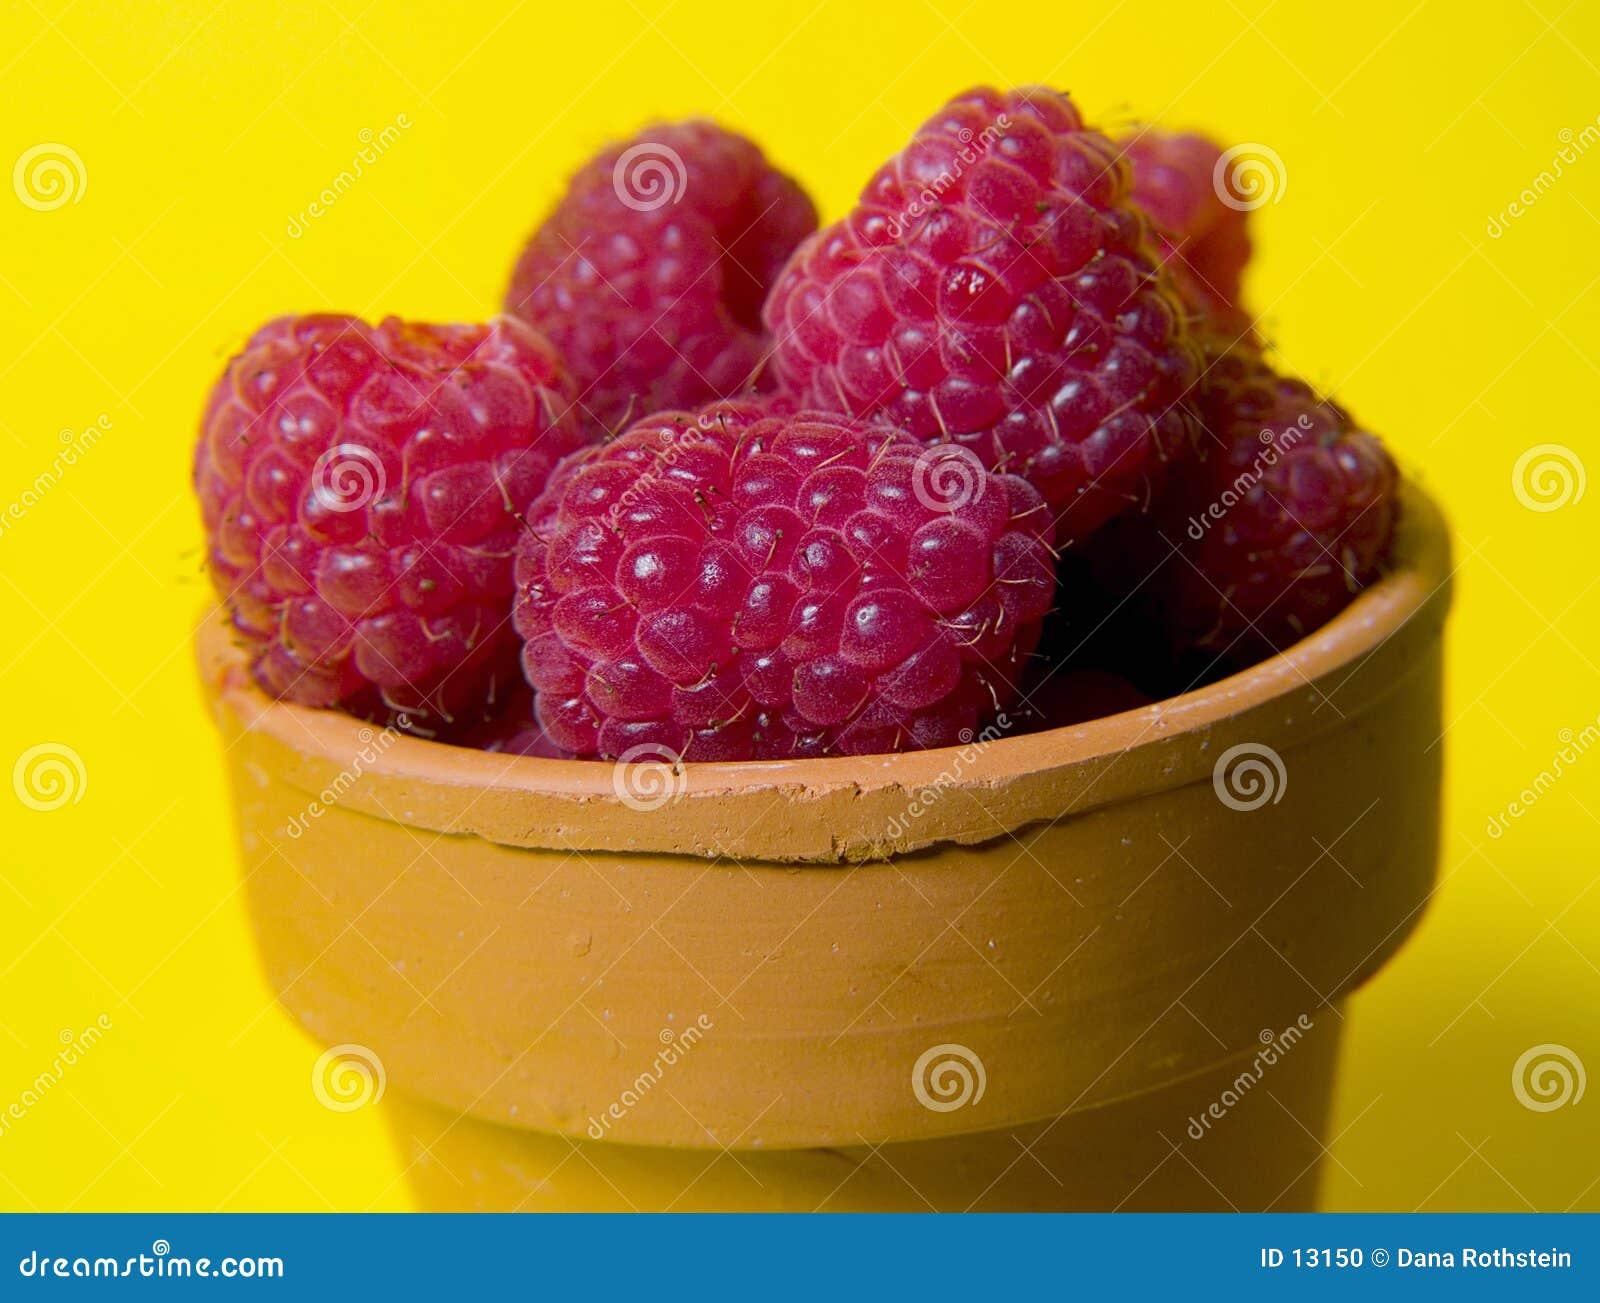 Rasberries im Potenziometer